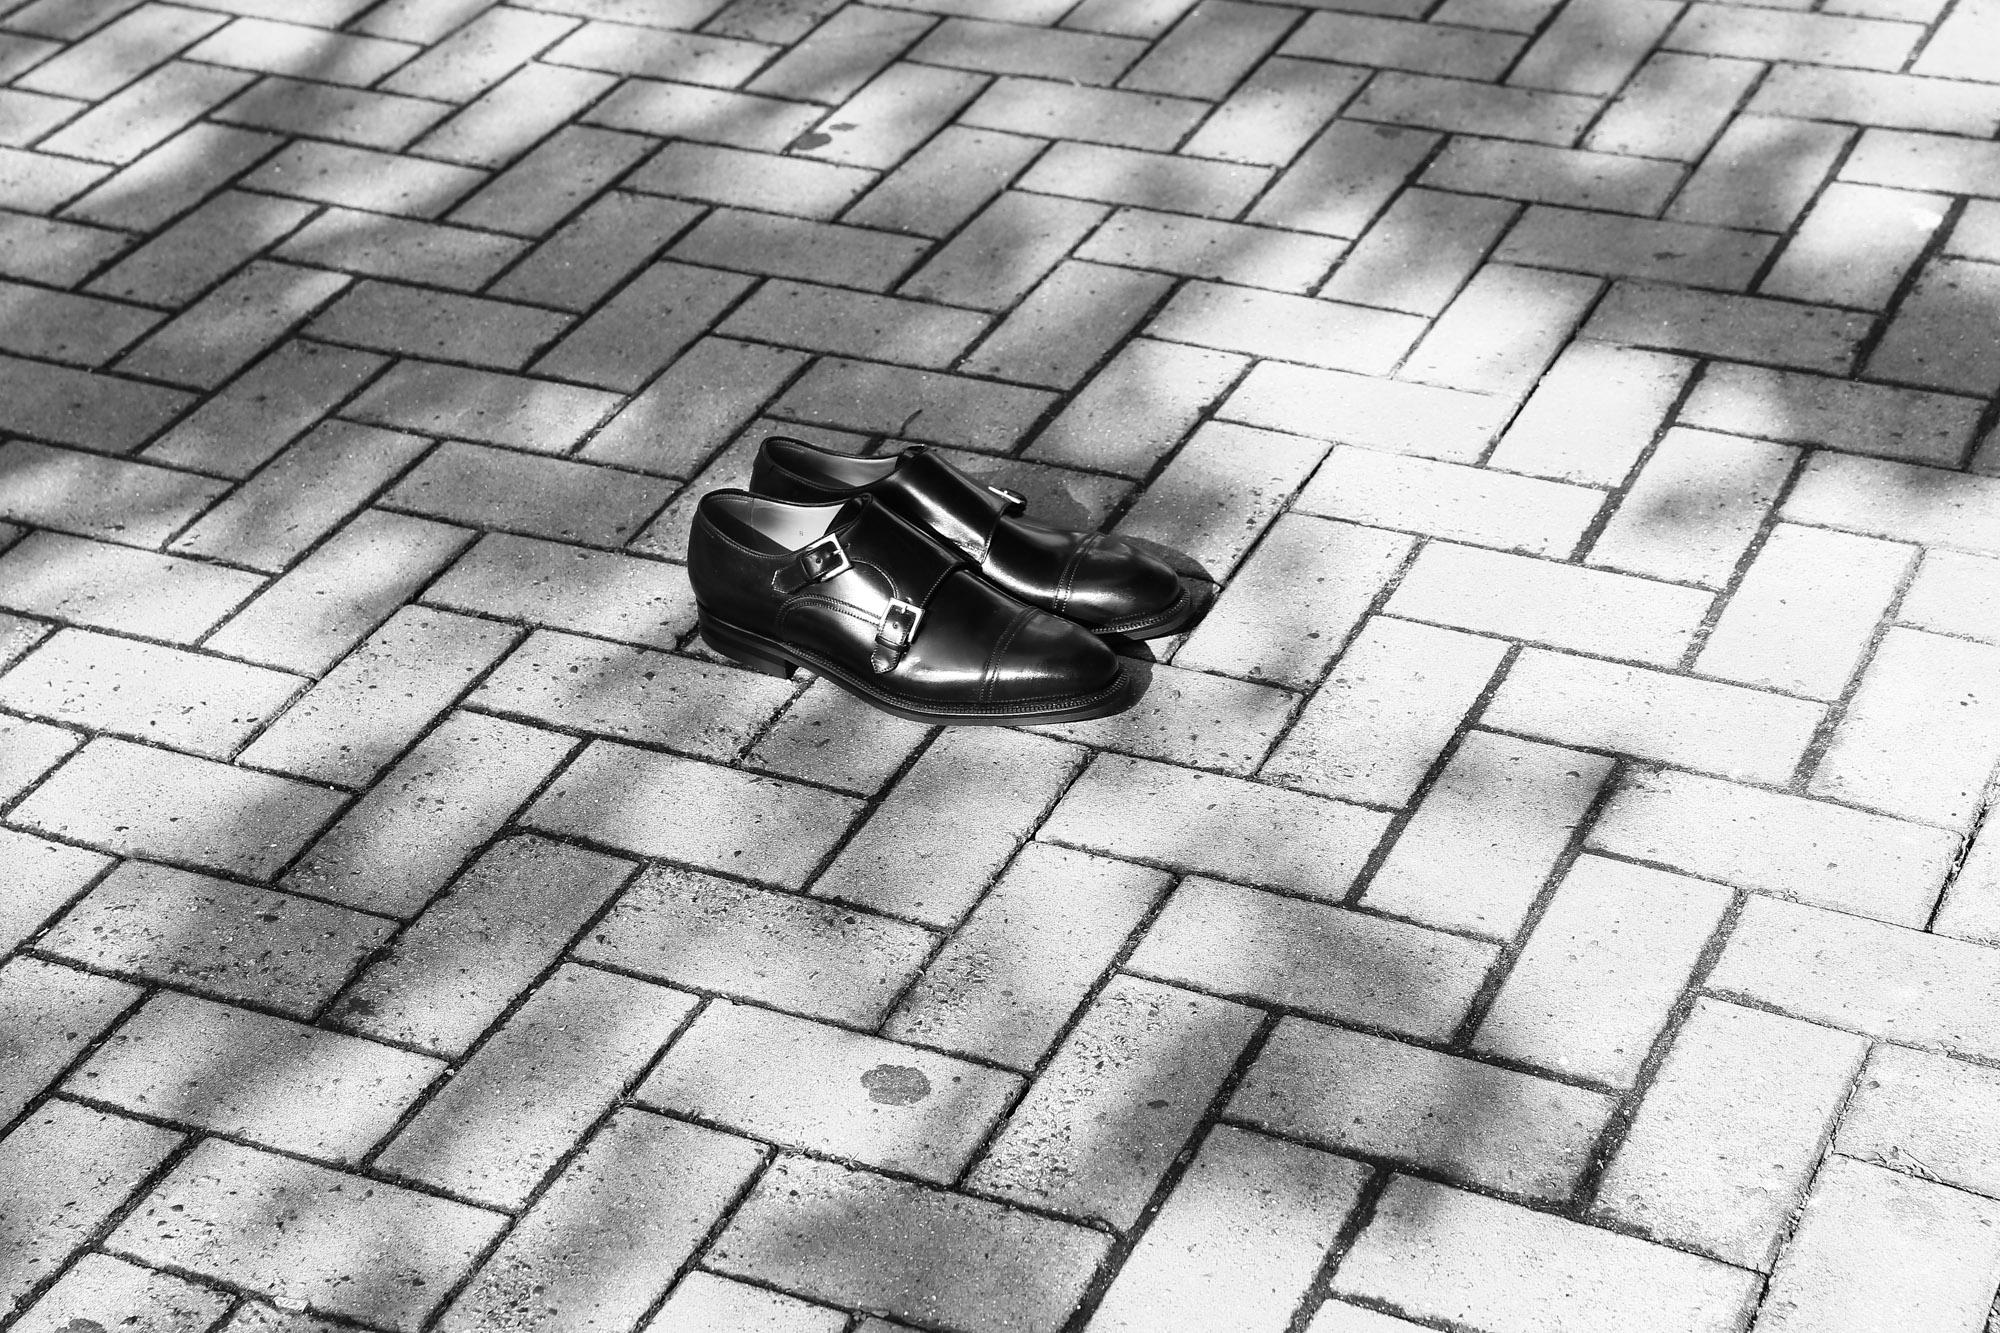 ENZO BONAFE(エンツォボナフェ) double monk strap shoes(ダブルモンクストラップシューズ) Horween Shell Cordvan leather(ホーウィン シェルコードバン) NERO(ブラック)  コードバン ドレスシューズ 愛知 名古屋 入荷です。